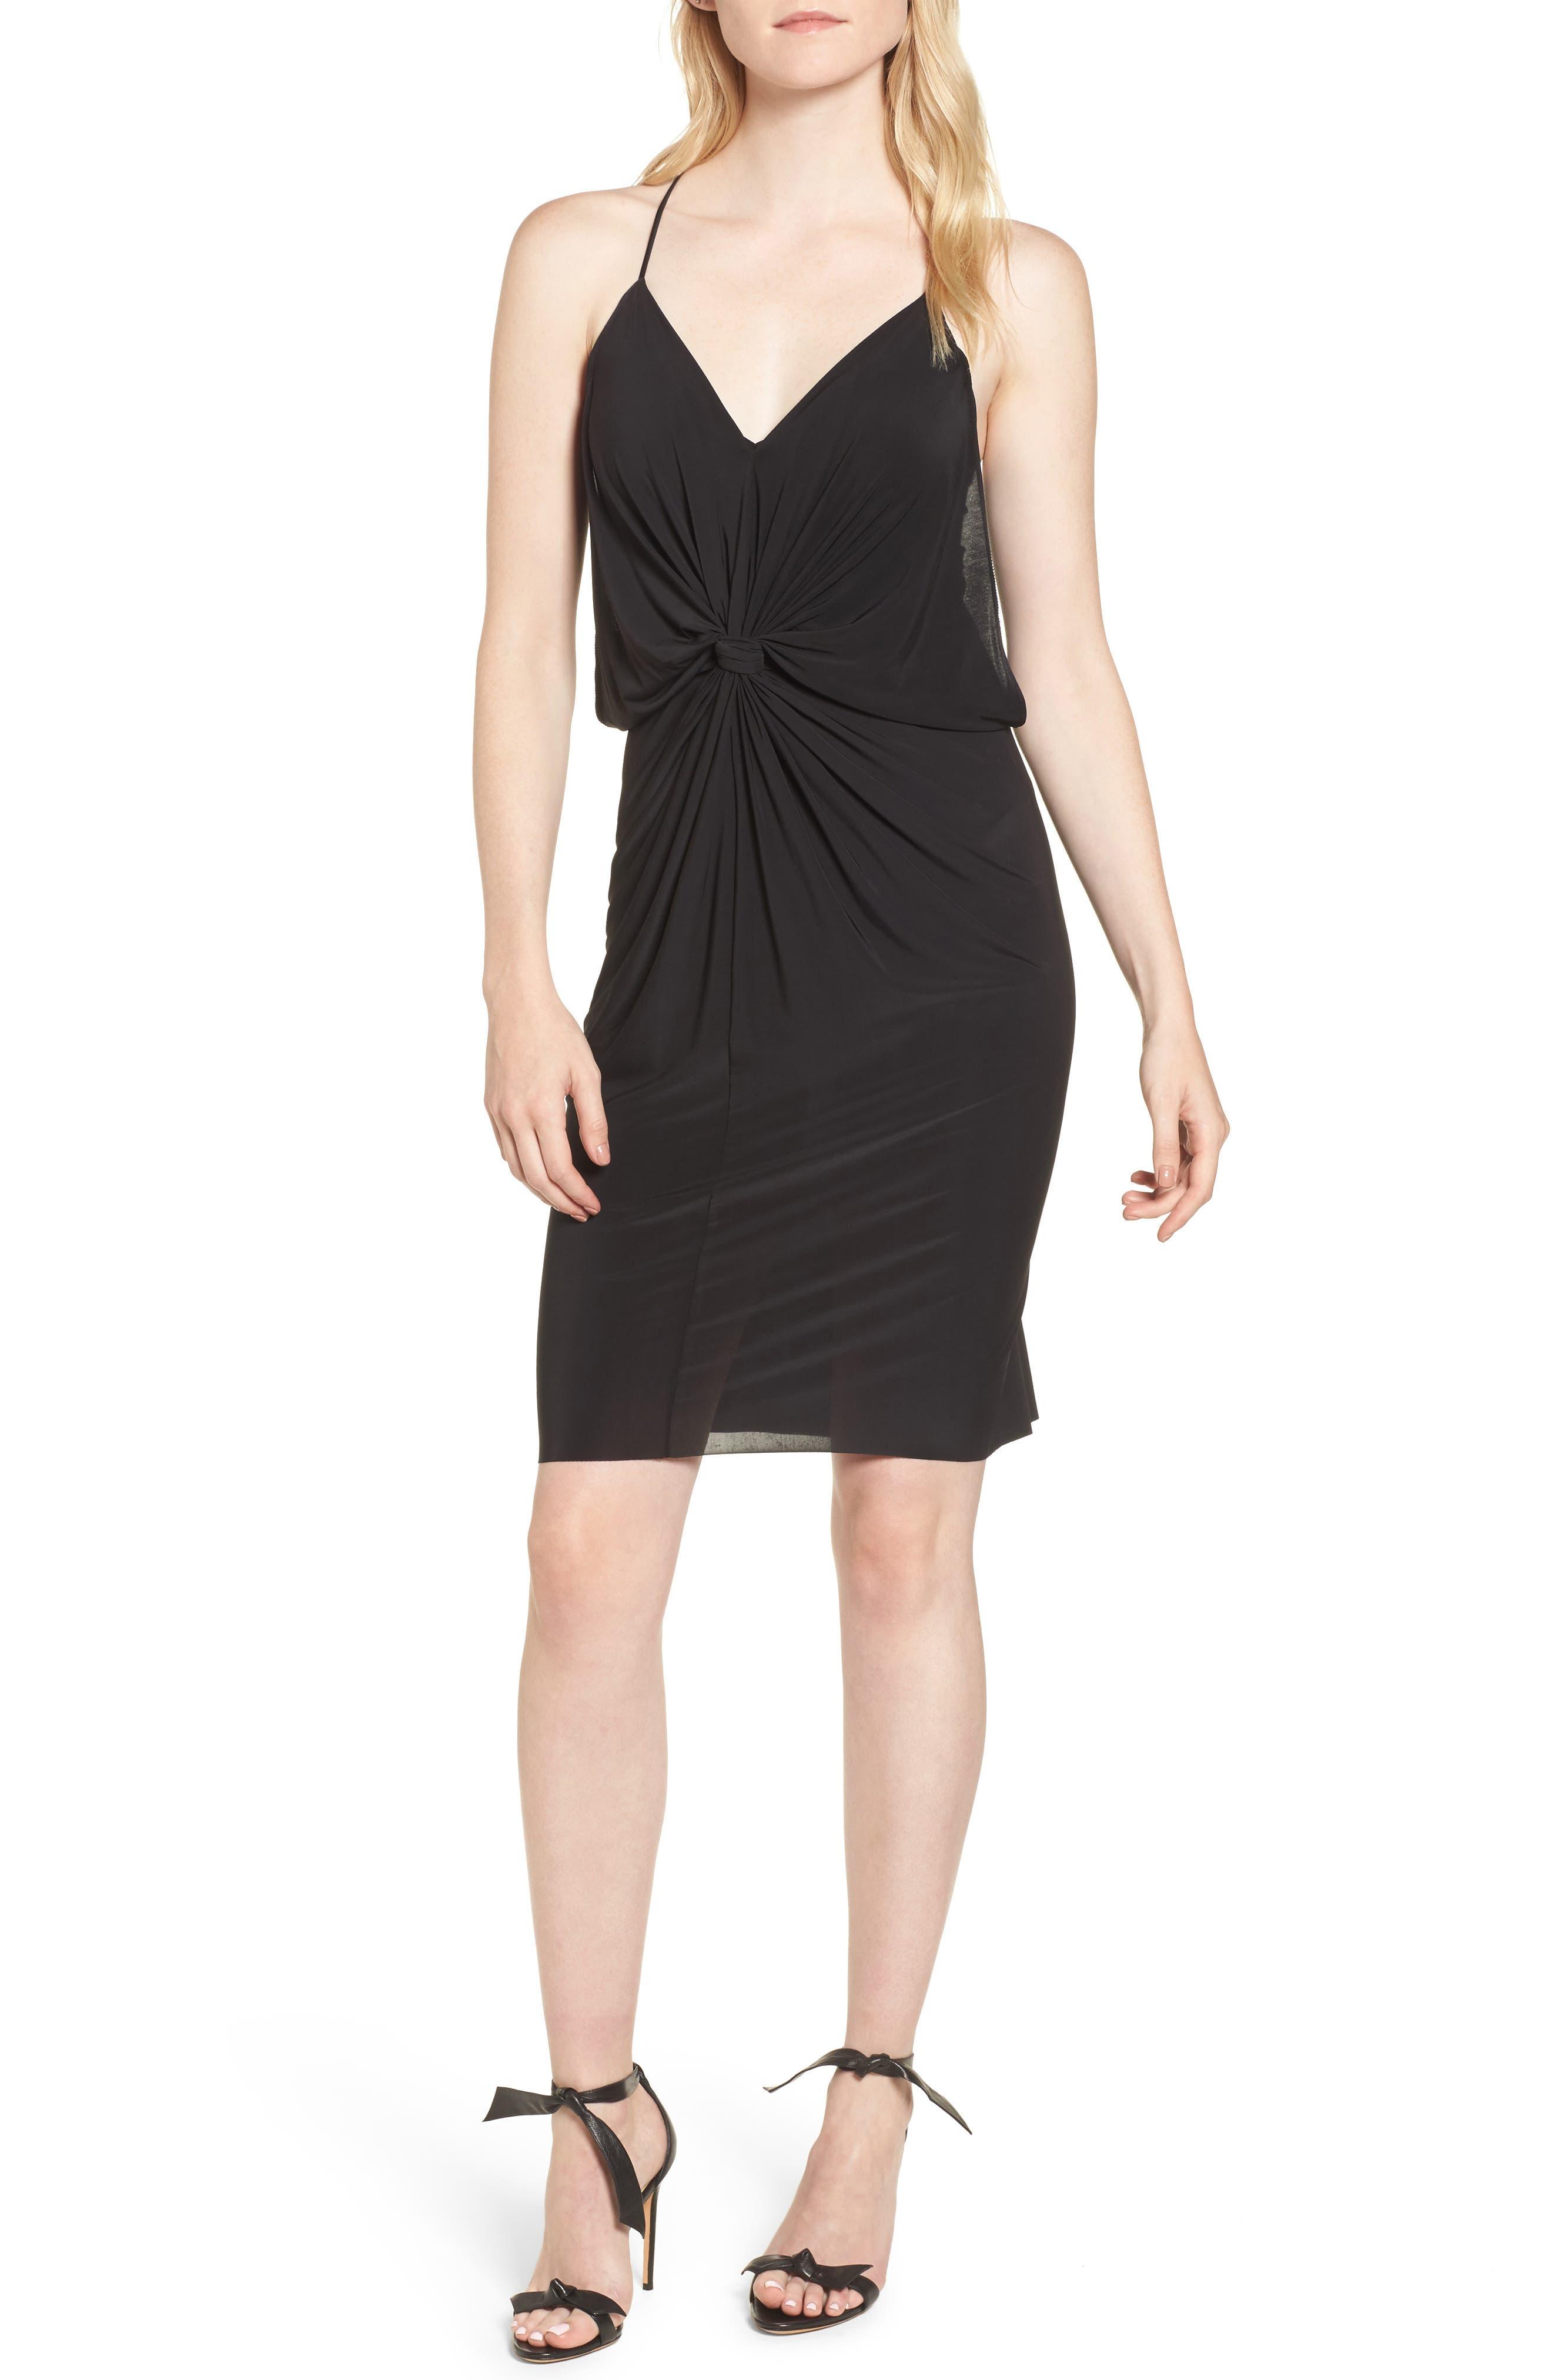 MISA Domino Short Slinky Jersey Cocktail Dress in Black